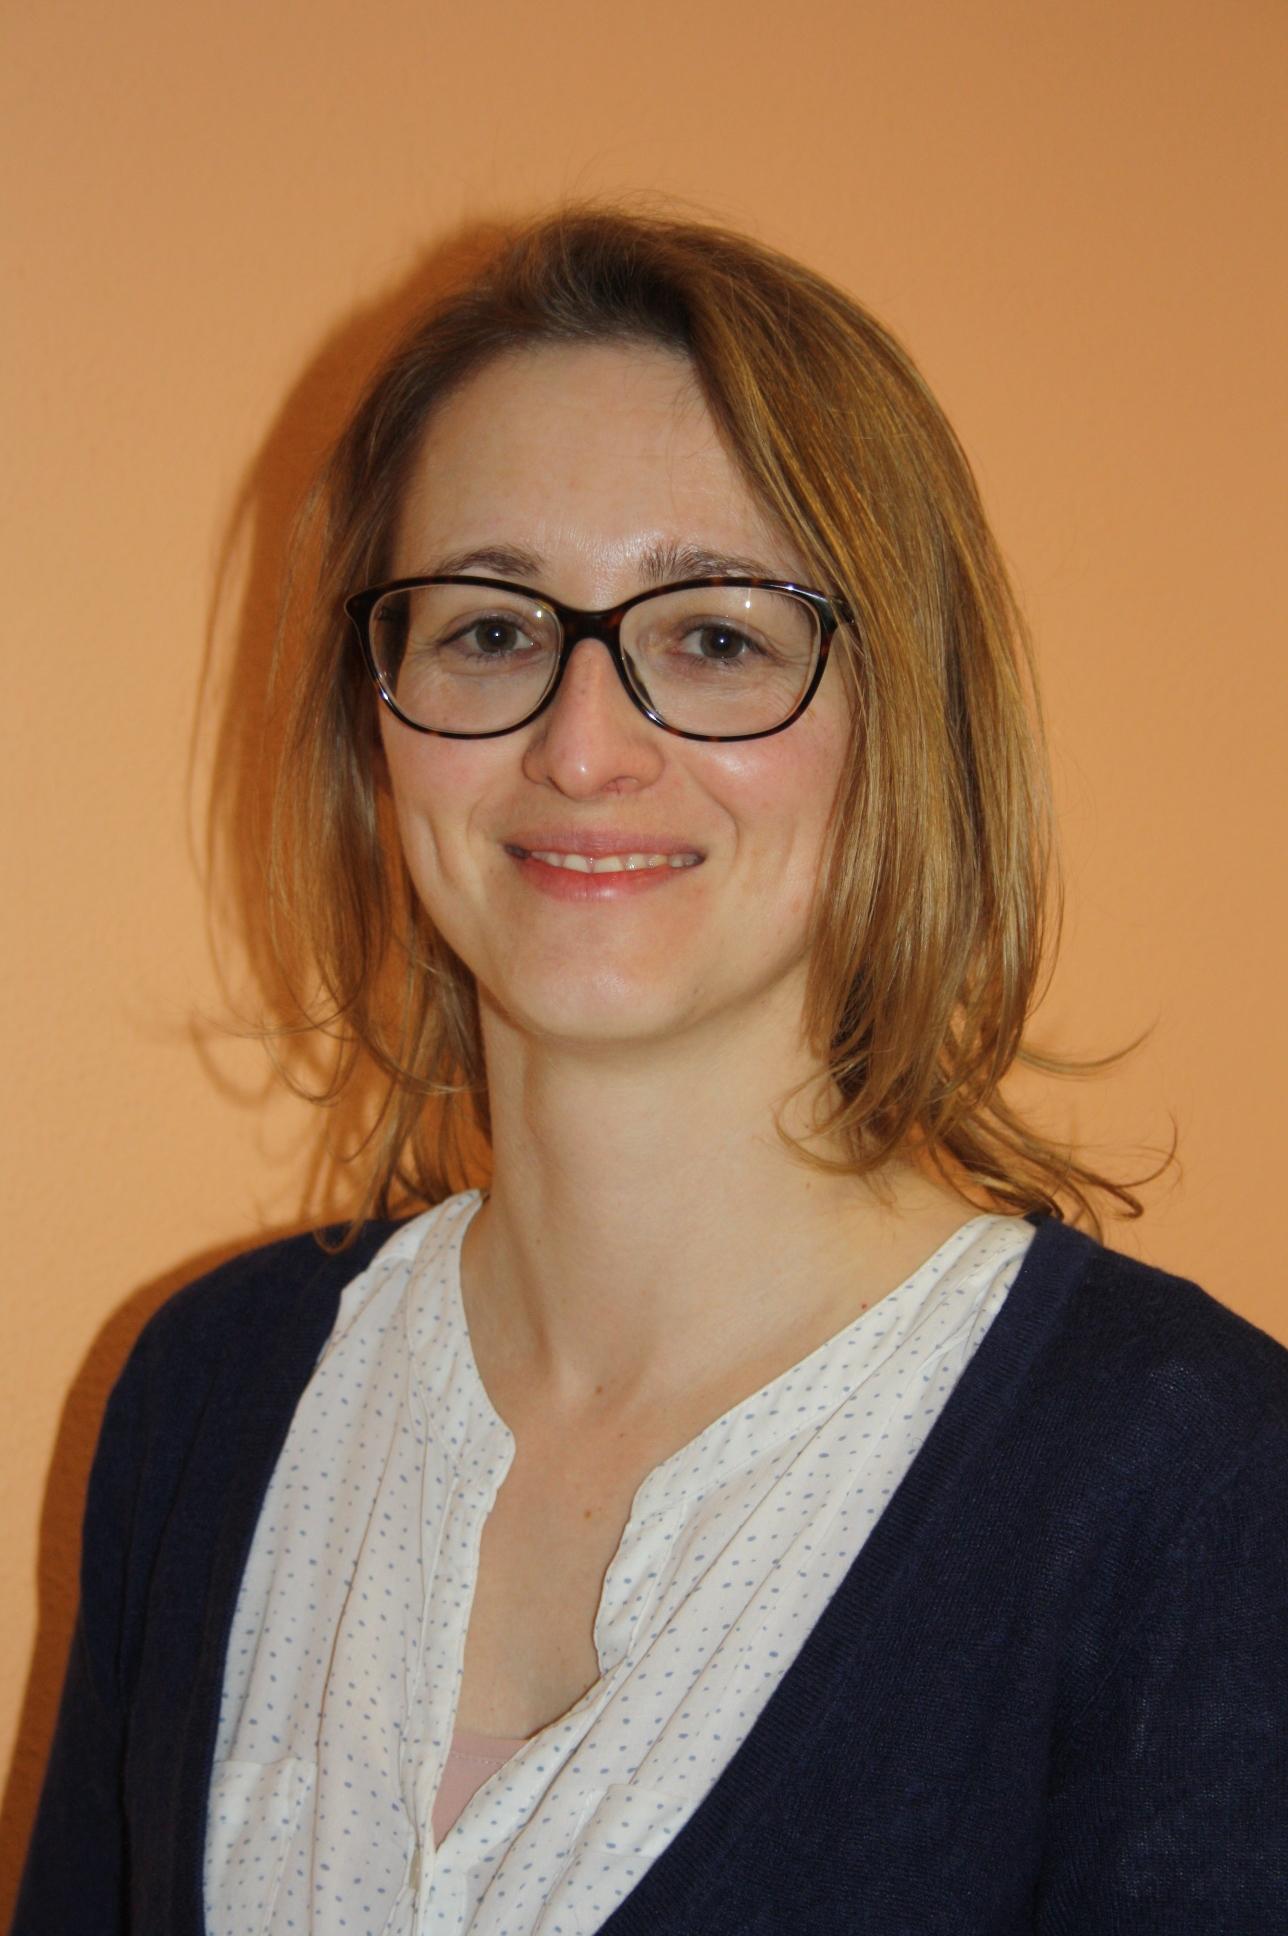 Wilma Kreutner